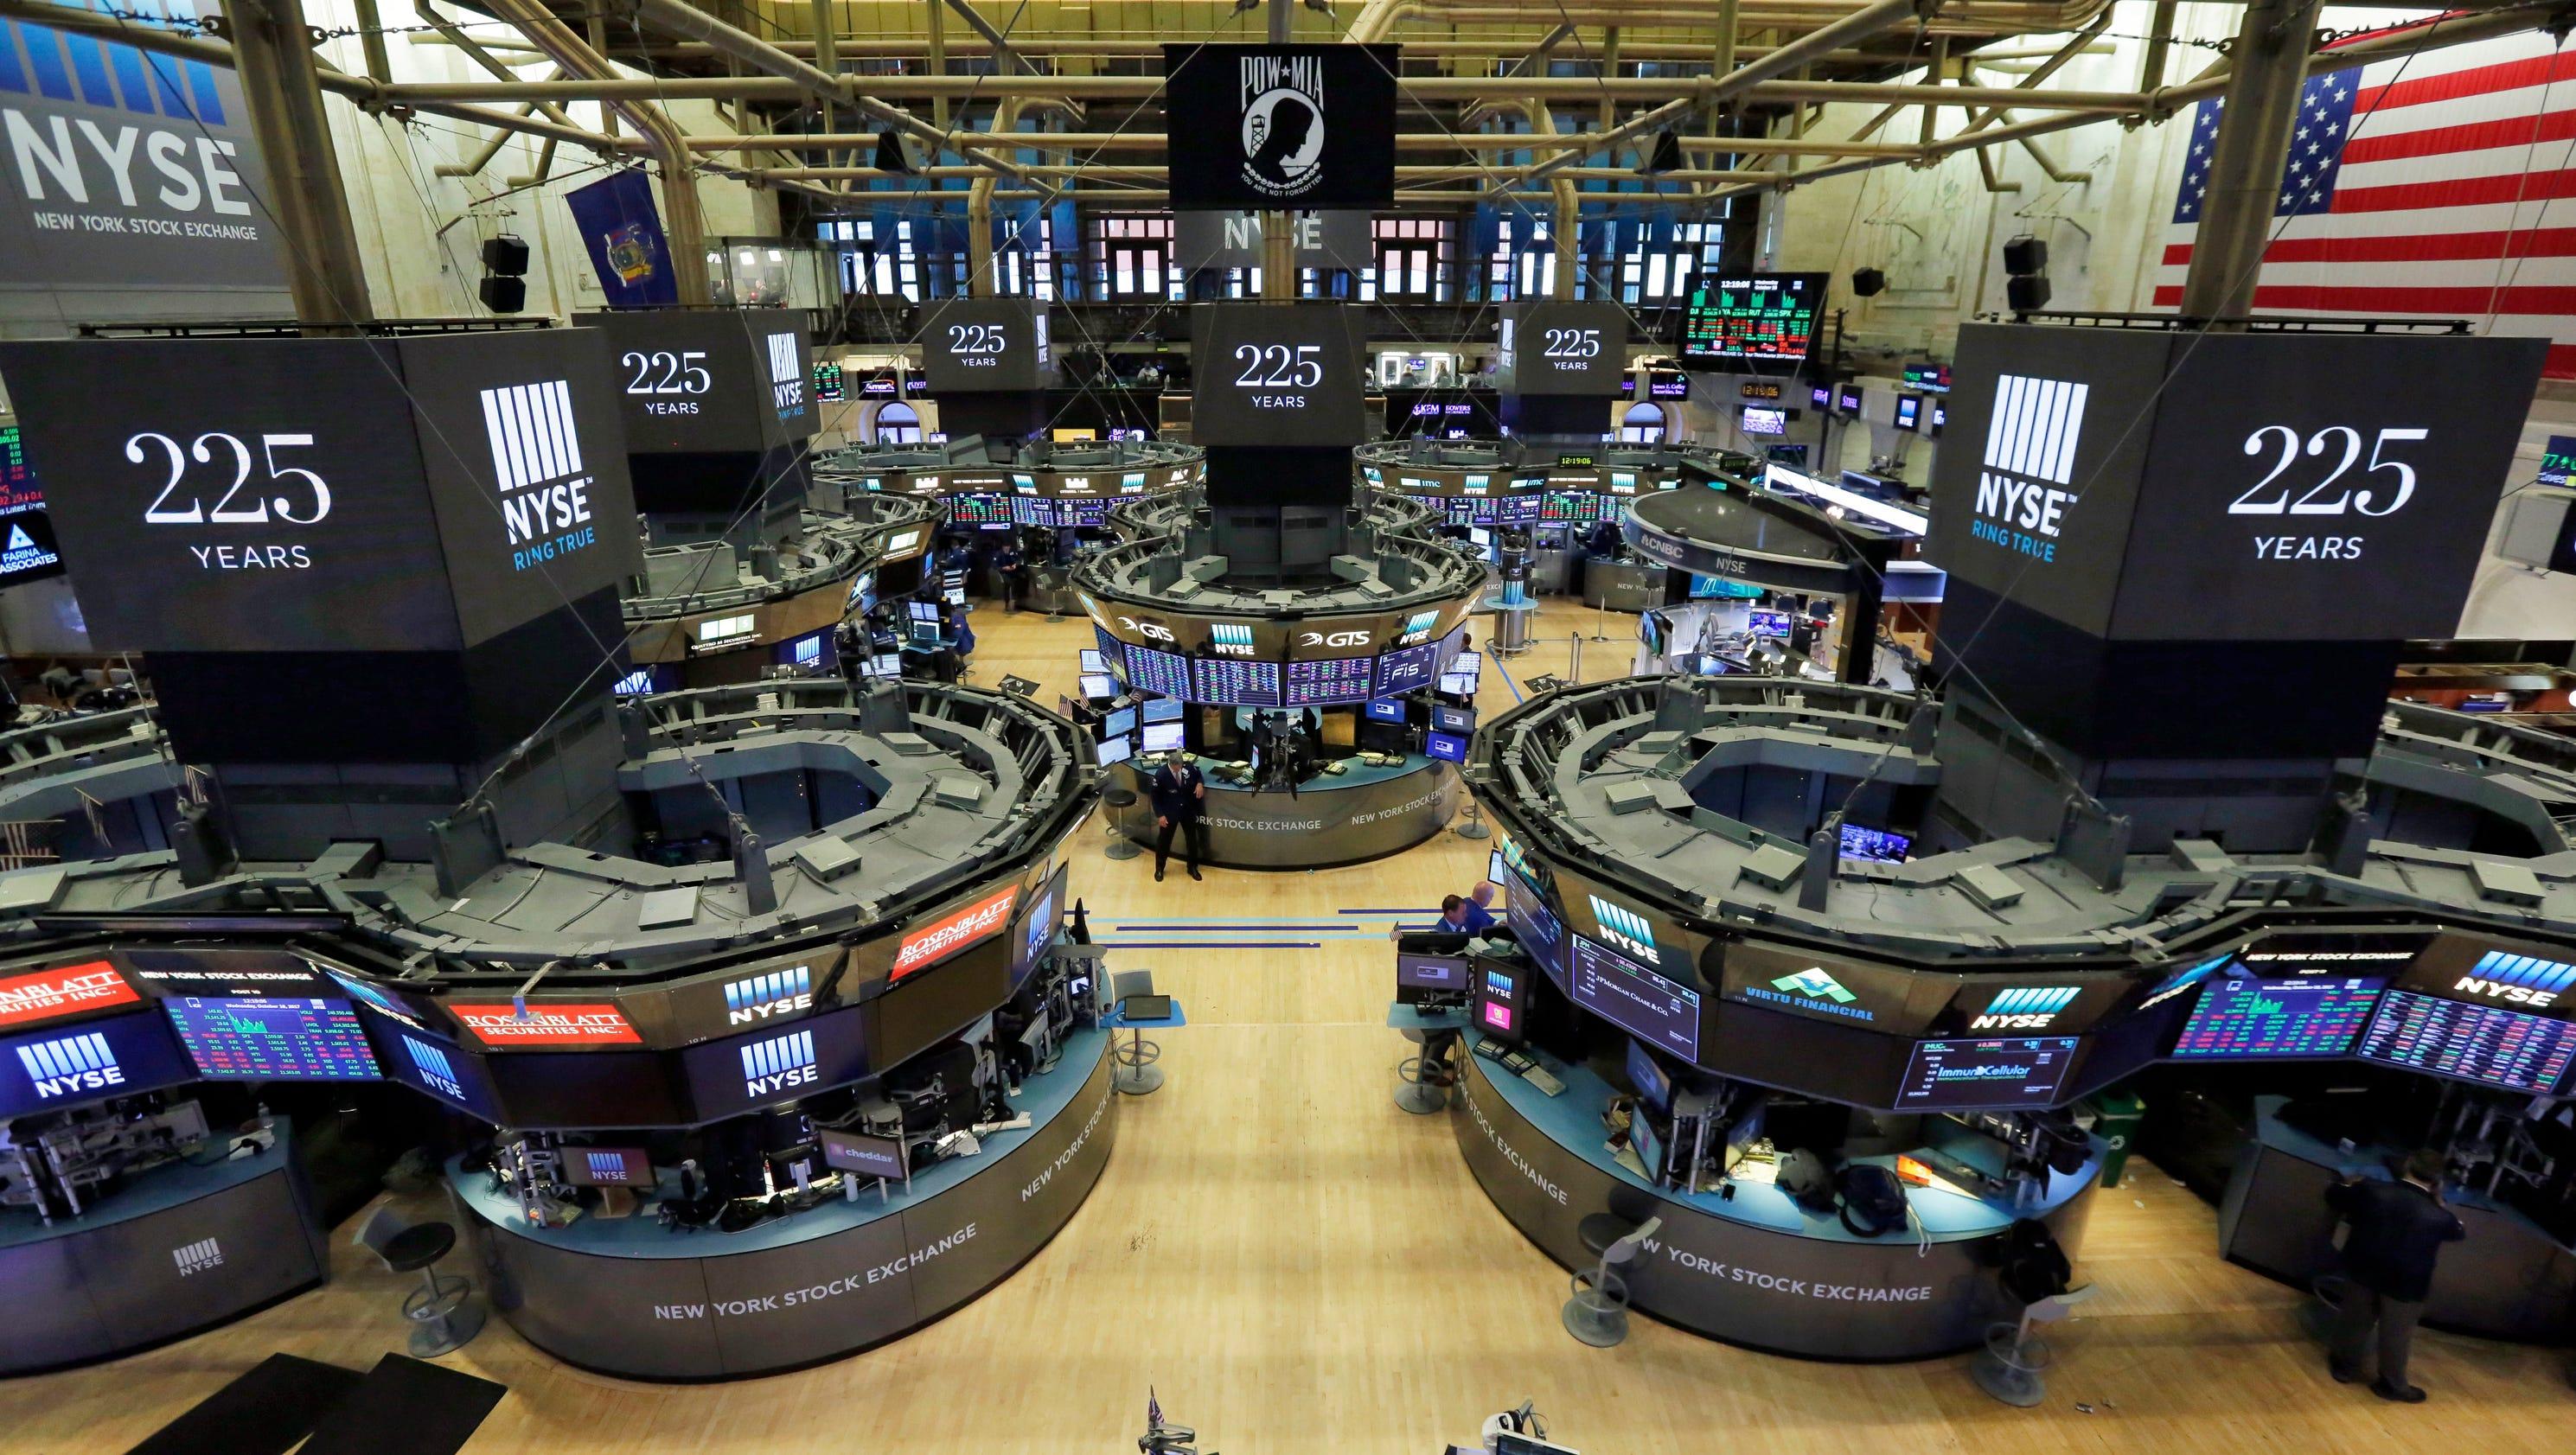 Stock Market 2018 Wall Street Predicts Bulls Will Keep